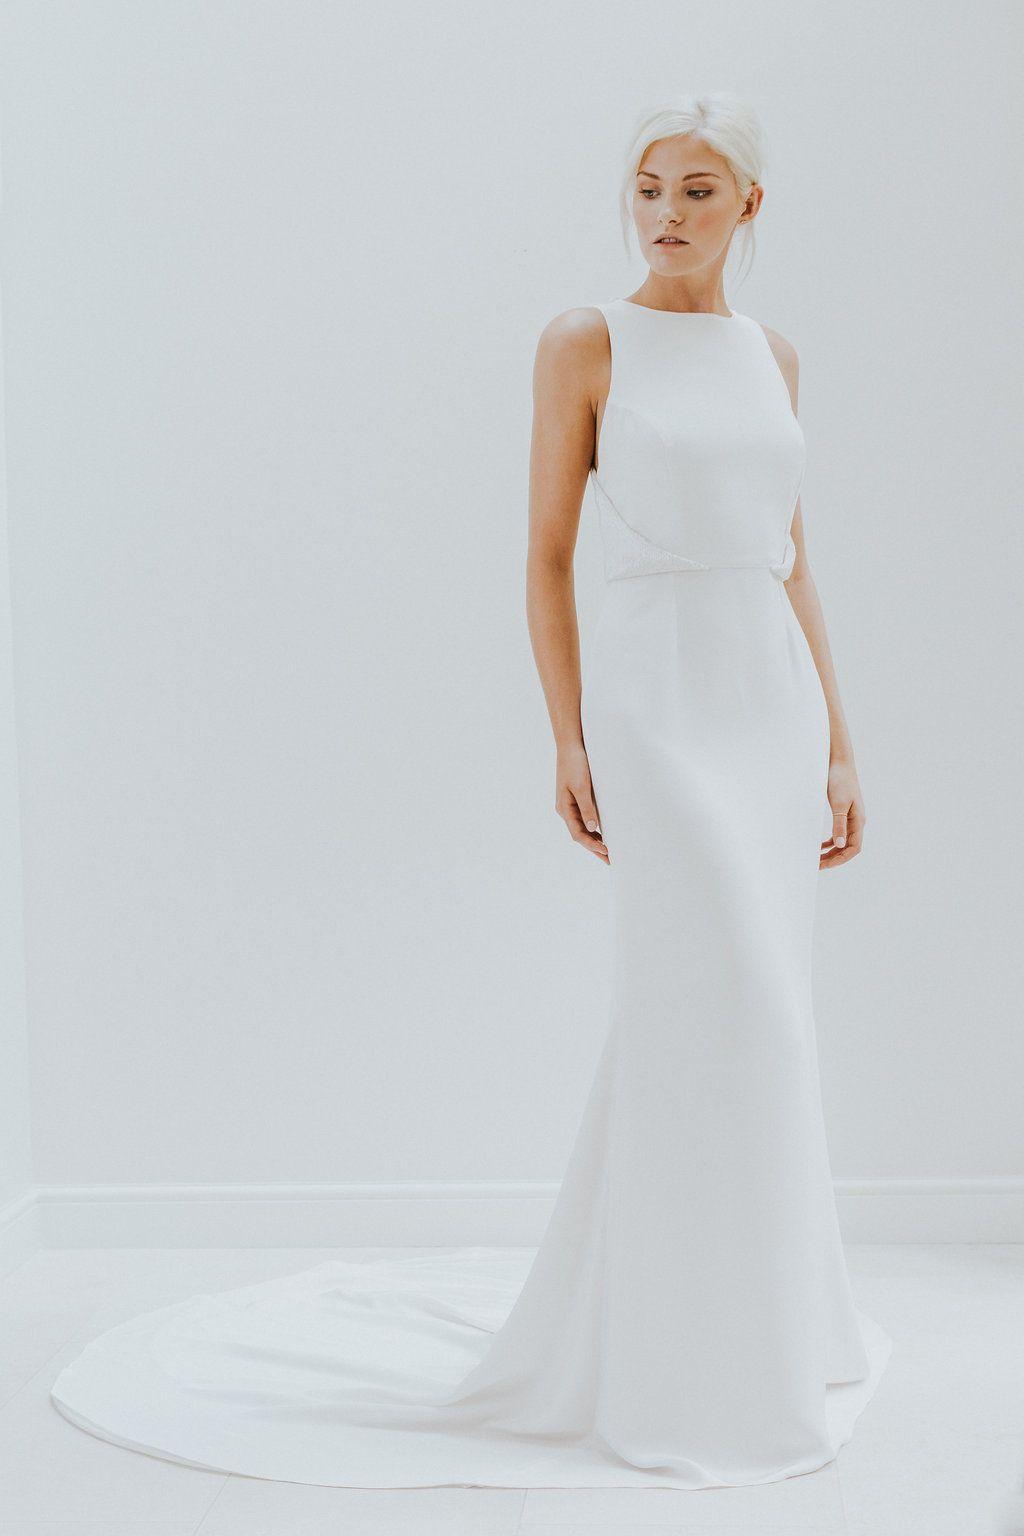 Charlotte Simpson Bridal | Pinterest | Charlotte, Simple weddings ...